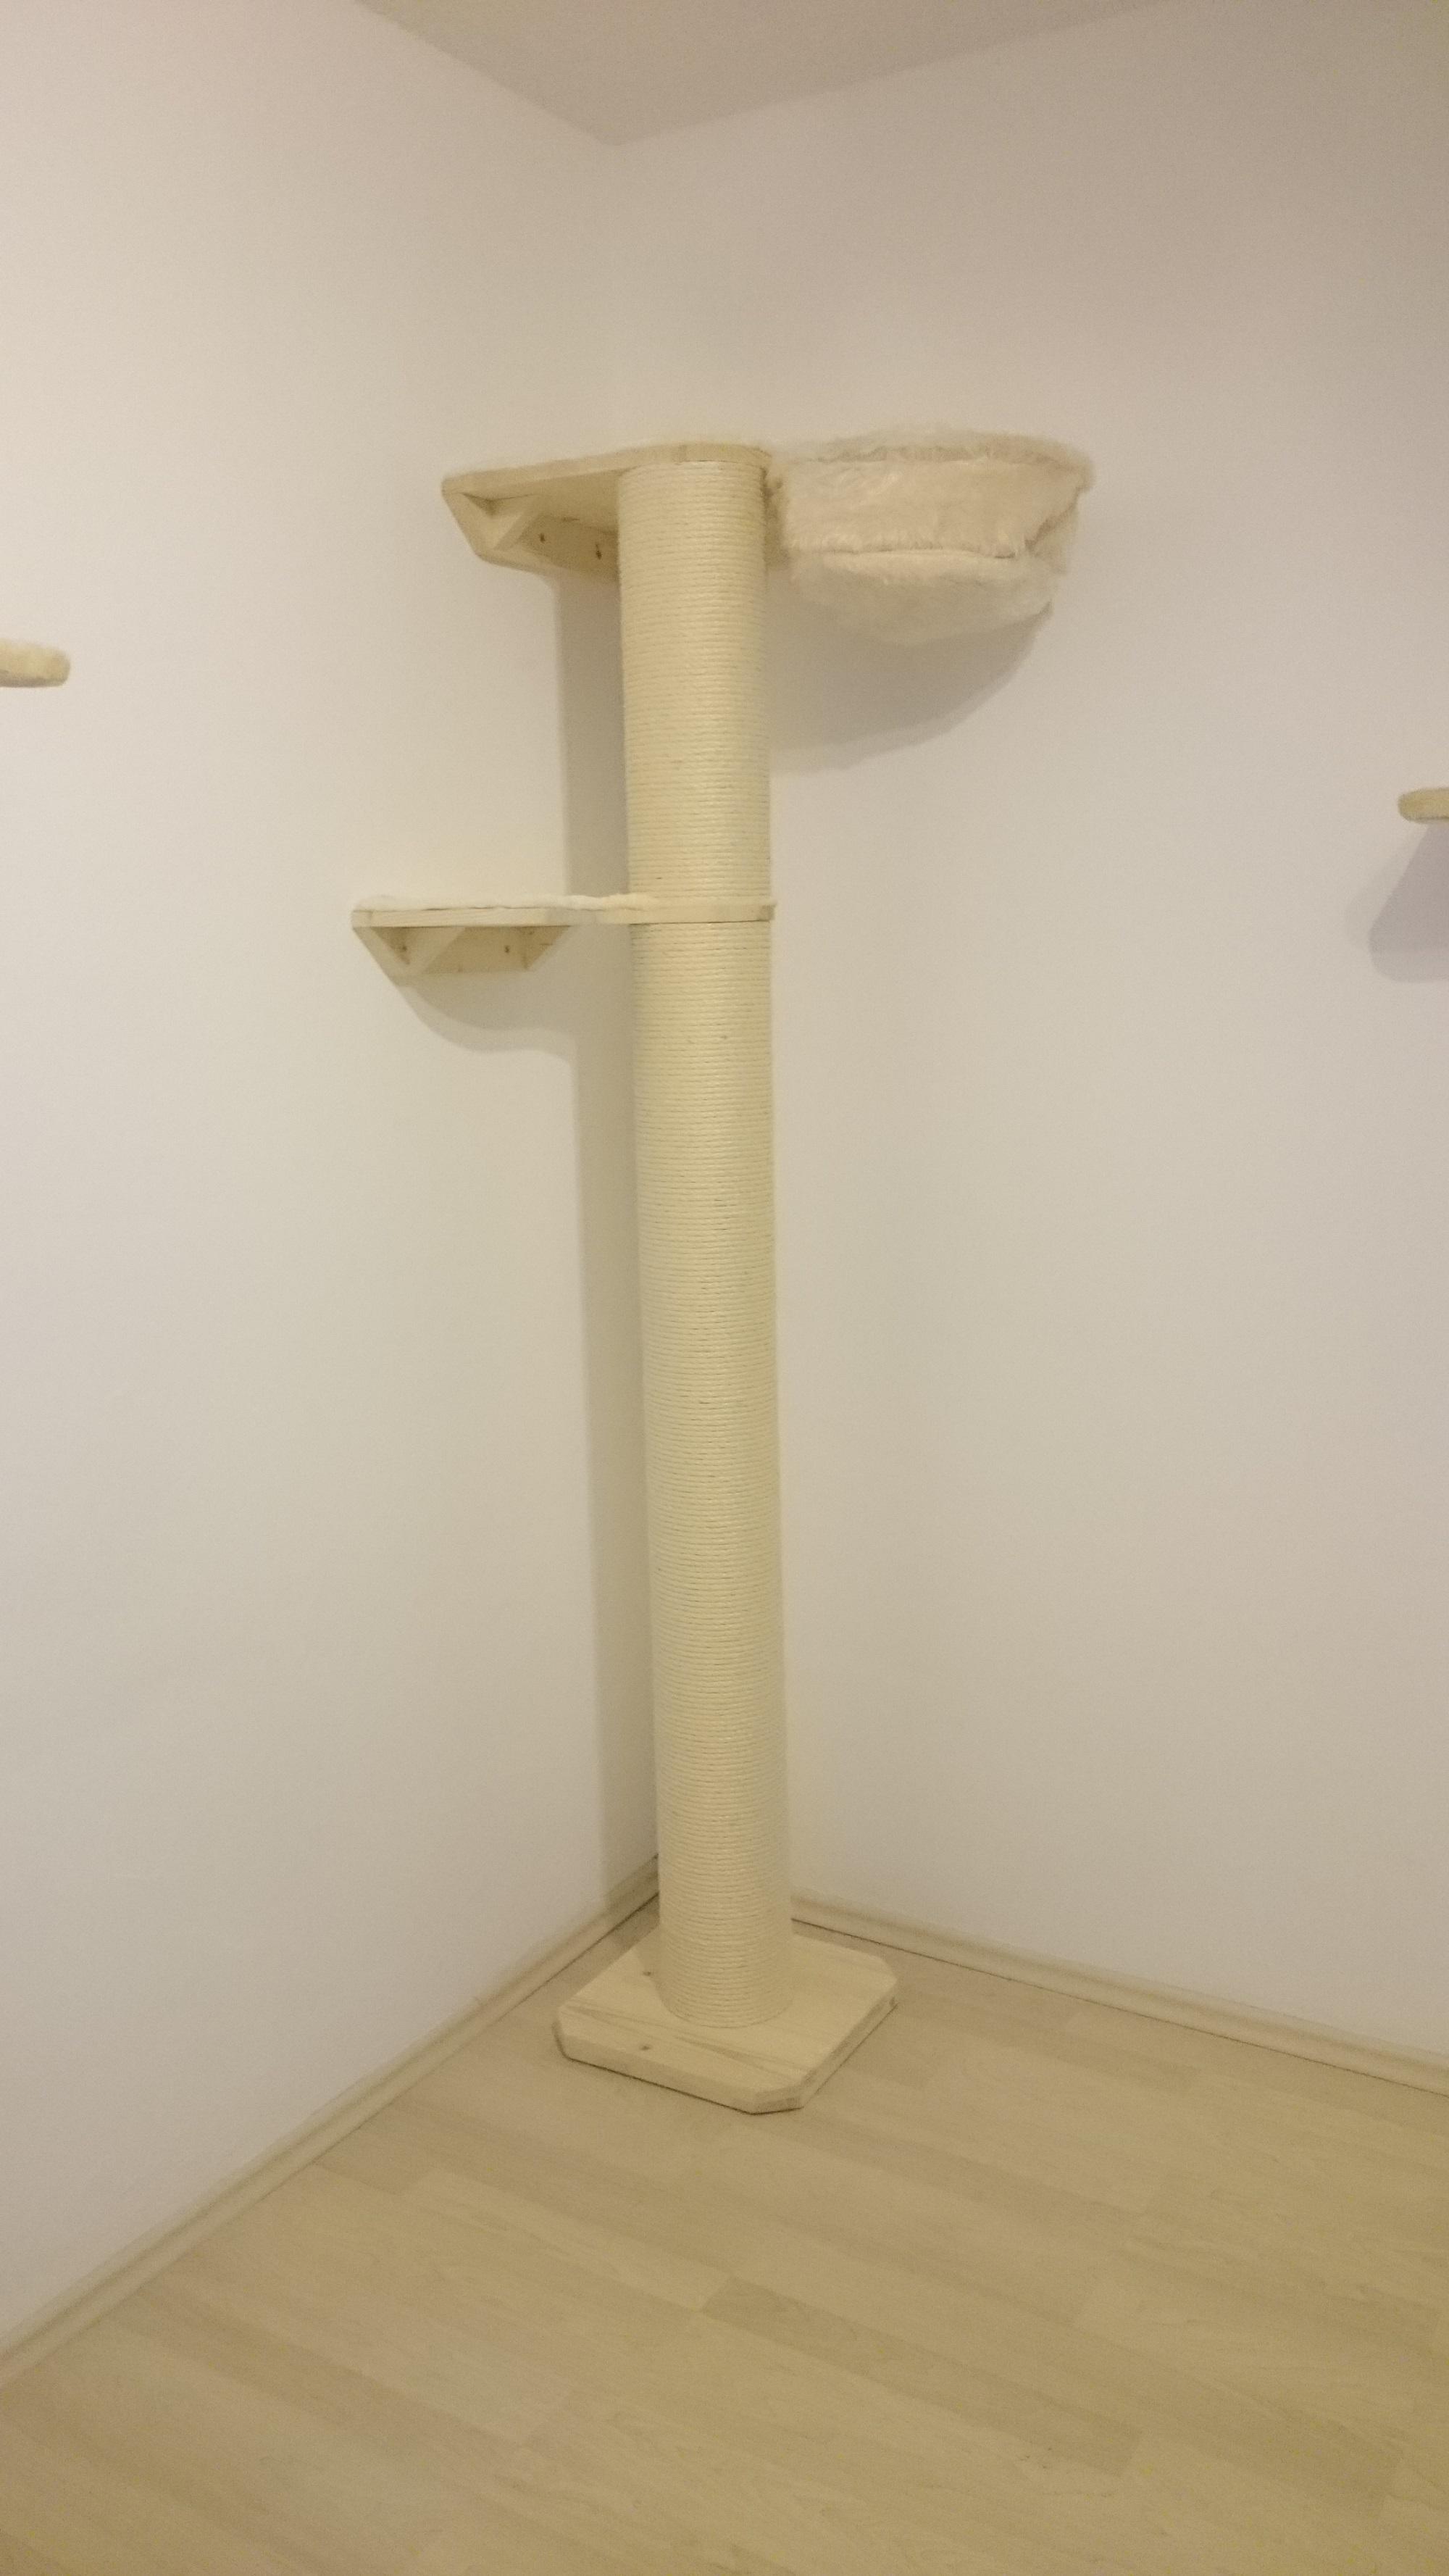 xxl stamm fuer katzen kratzstamm stabil saeule fuer katzen massiv. Black Bedroom Furniture Sets. Home Design Ideas